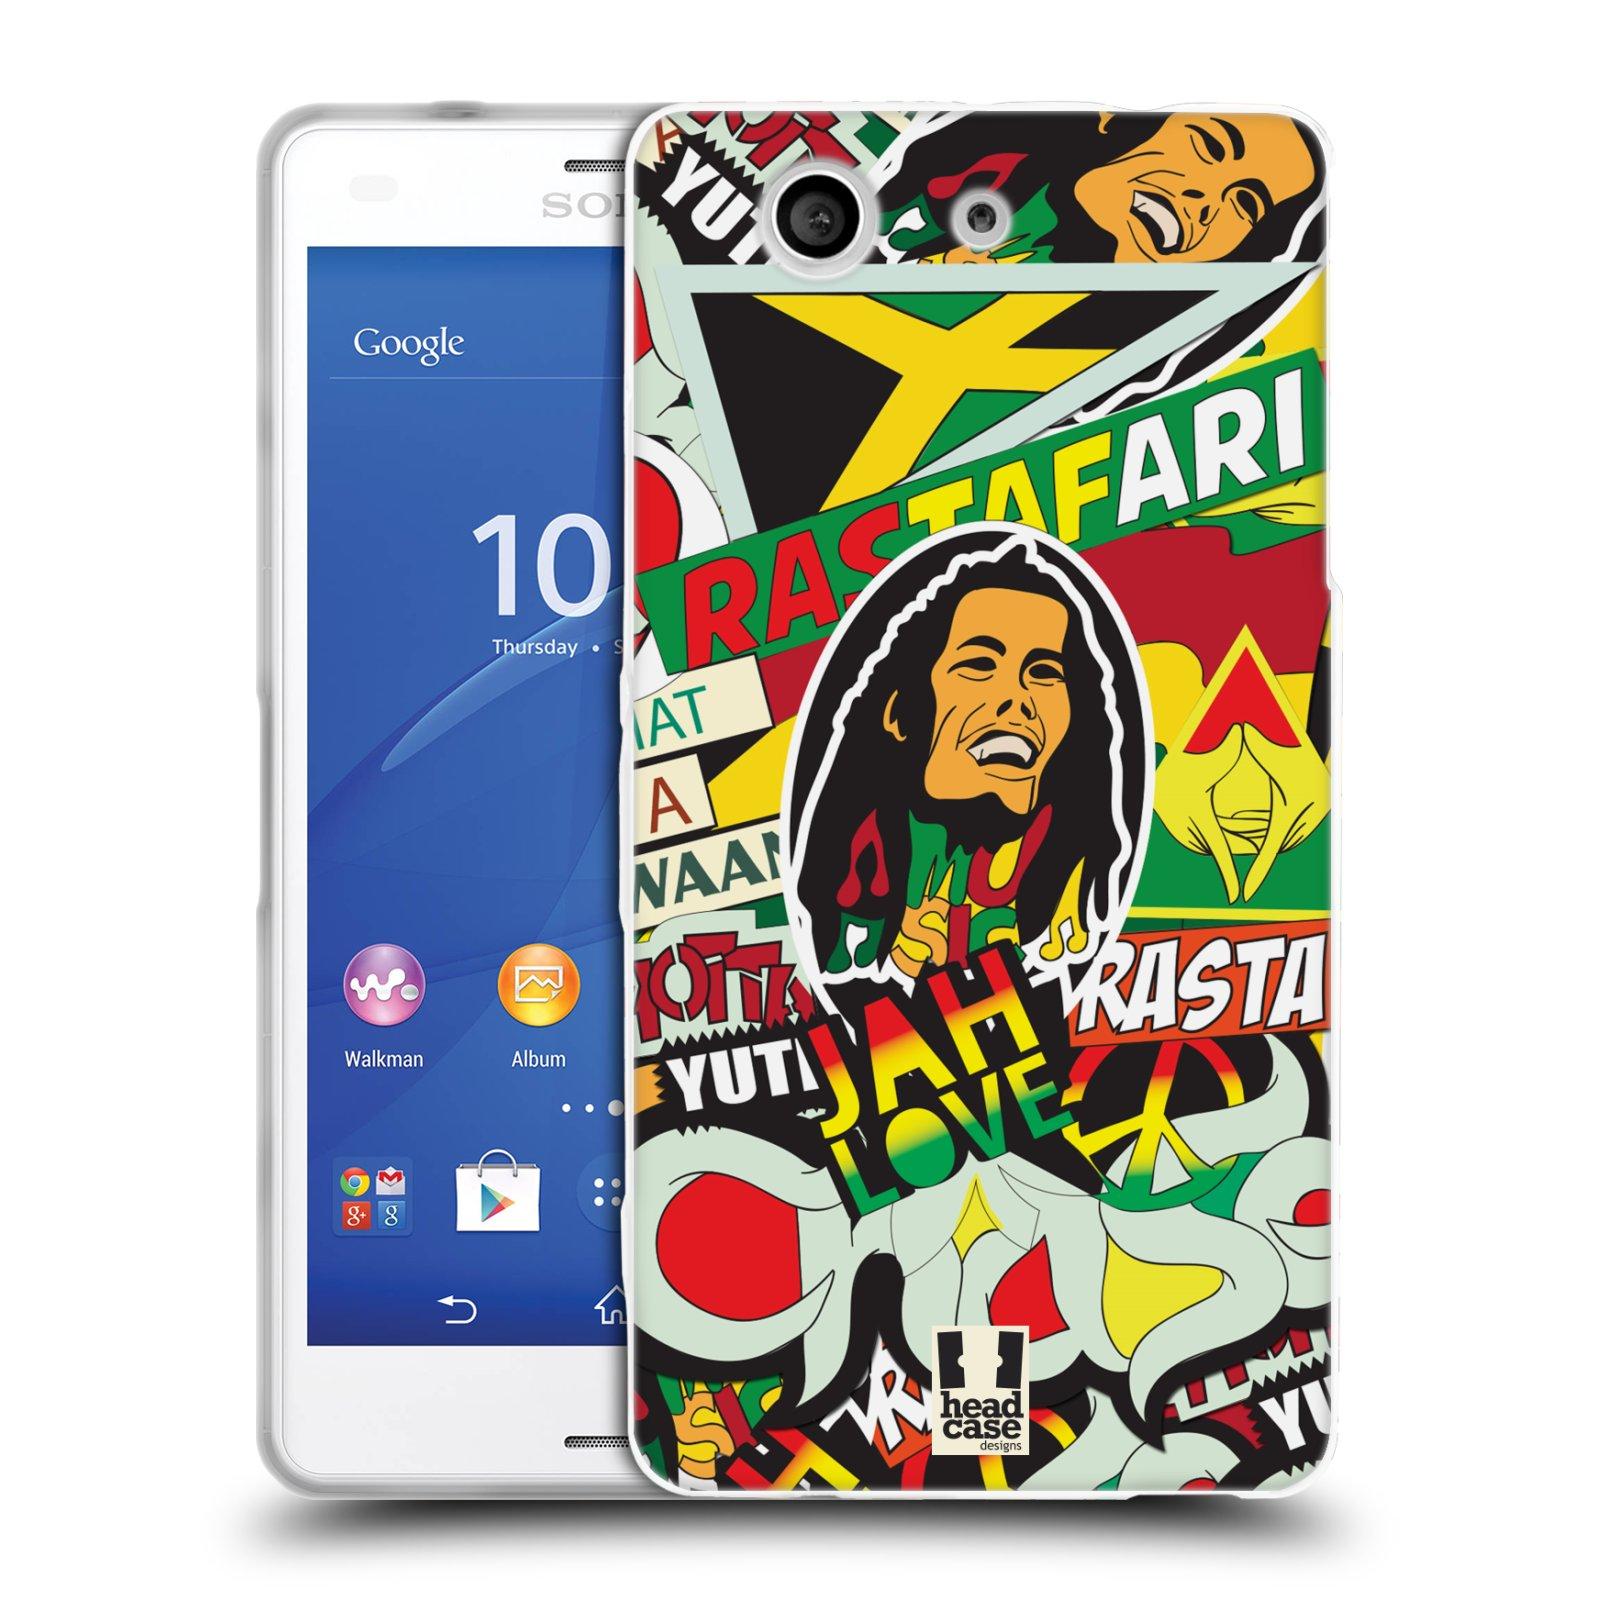 Silikonové pouzdro na mobil Sony Xperia Z3 Compact D5803 HEAD CASE RASTA (Silikonový kryt či obal na mobilní telefon Sony Xperia Z3 Compact)